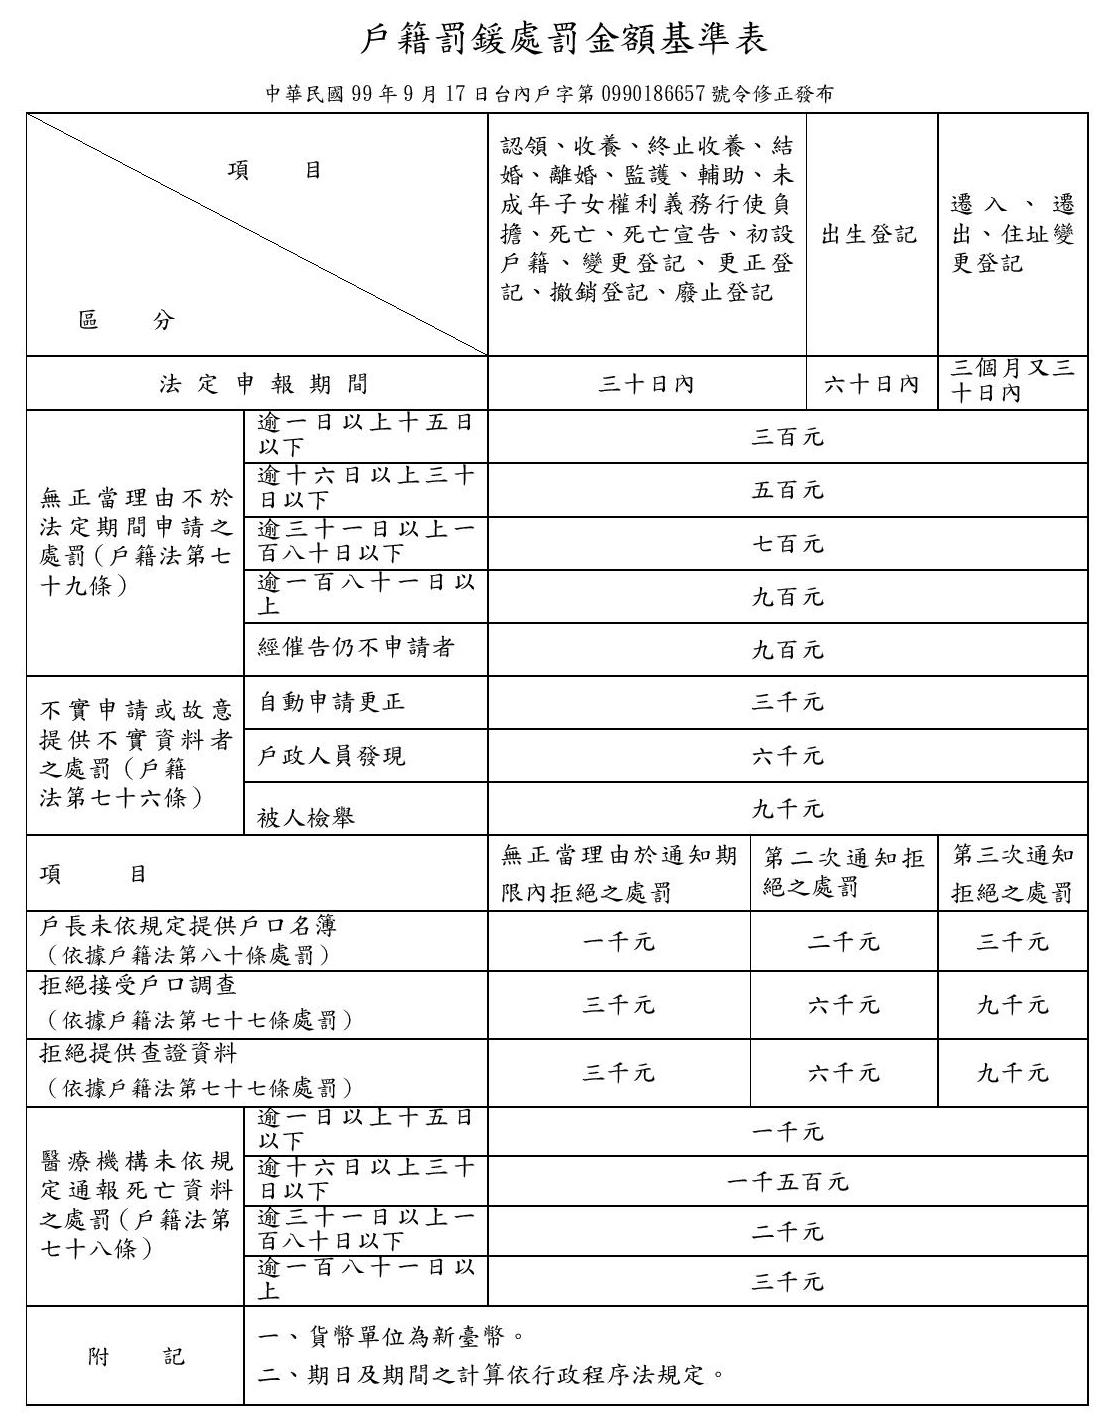 戶籍罰鍰處罰金額基準表